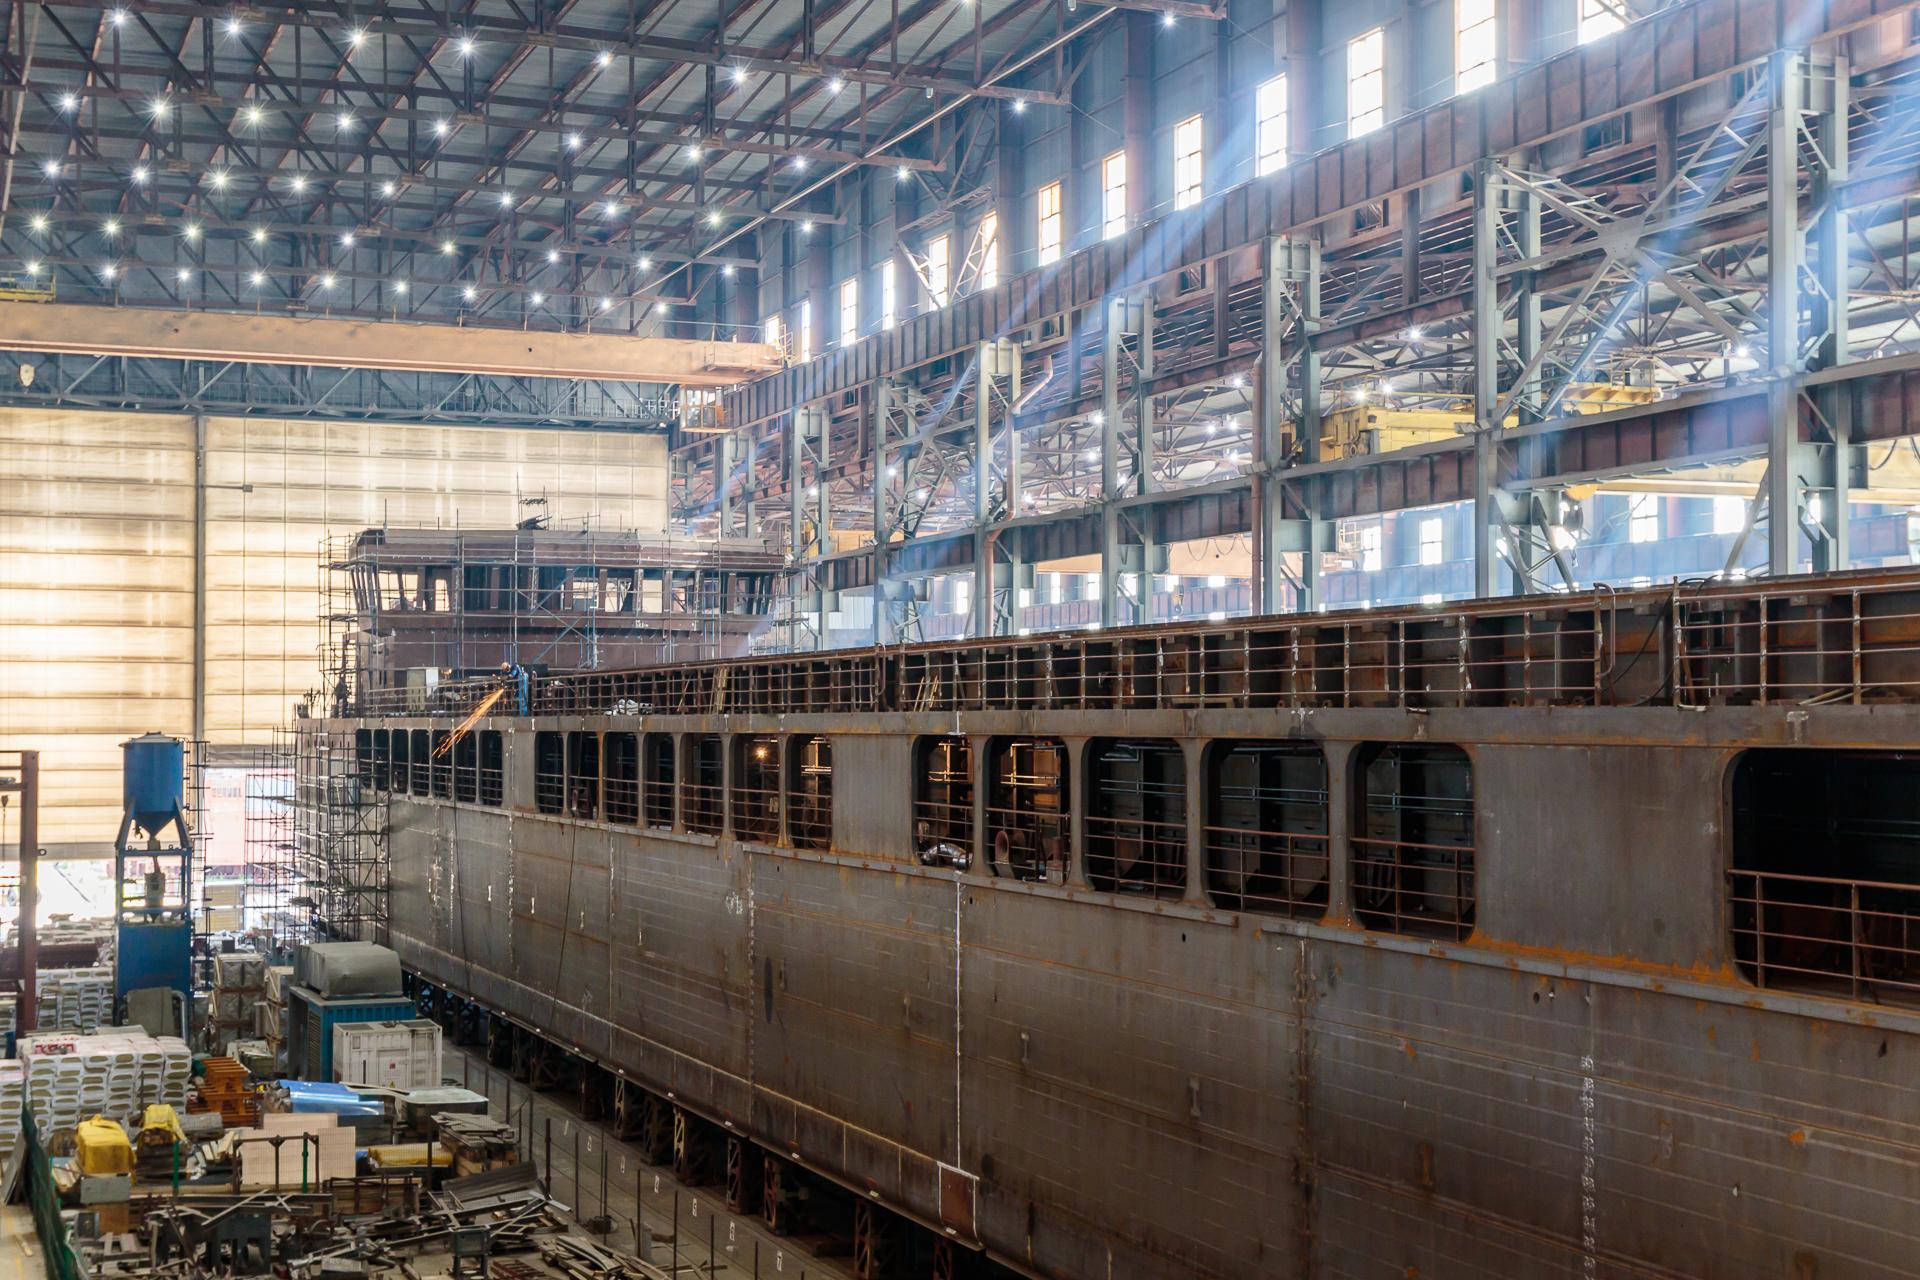 Сухогруз проекта RSD59 в эллинге Невского судостроительно-судоремонтного завода